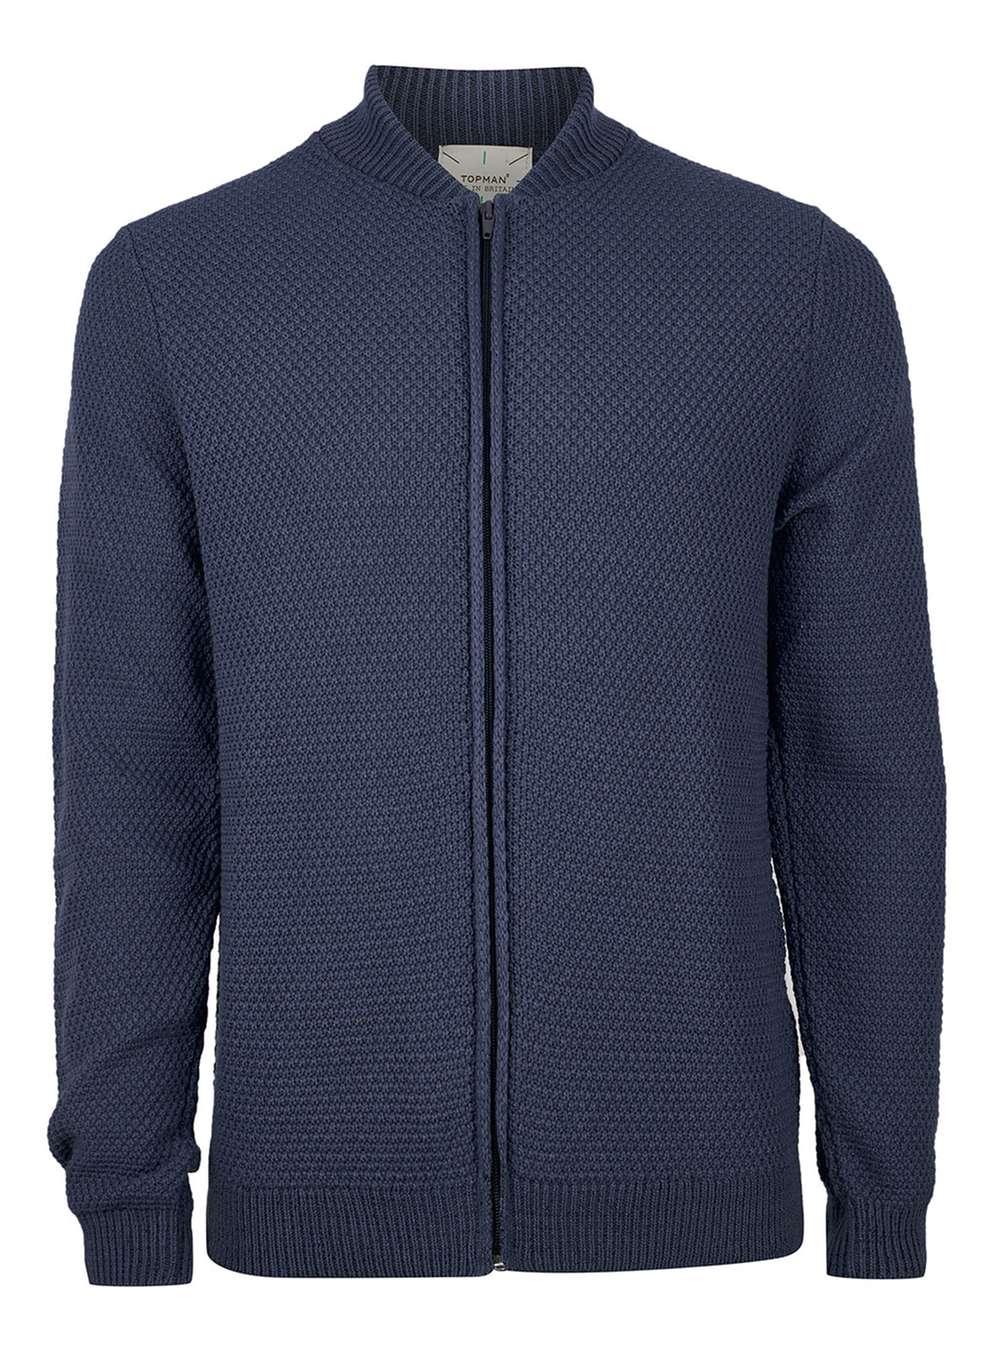 Denim-knitted bomber jacket, £35 ( topman.com )